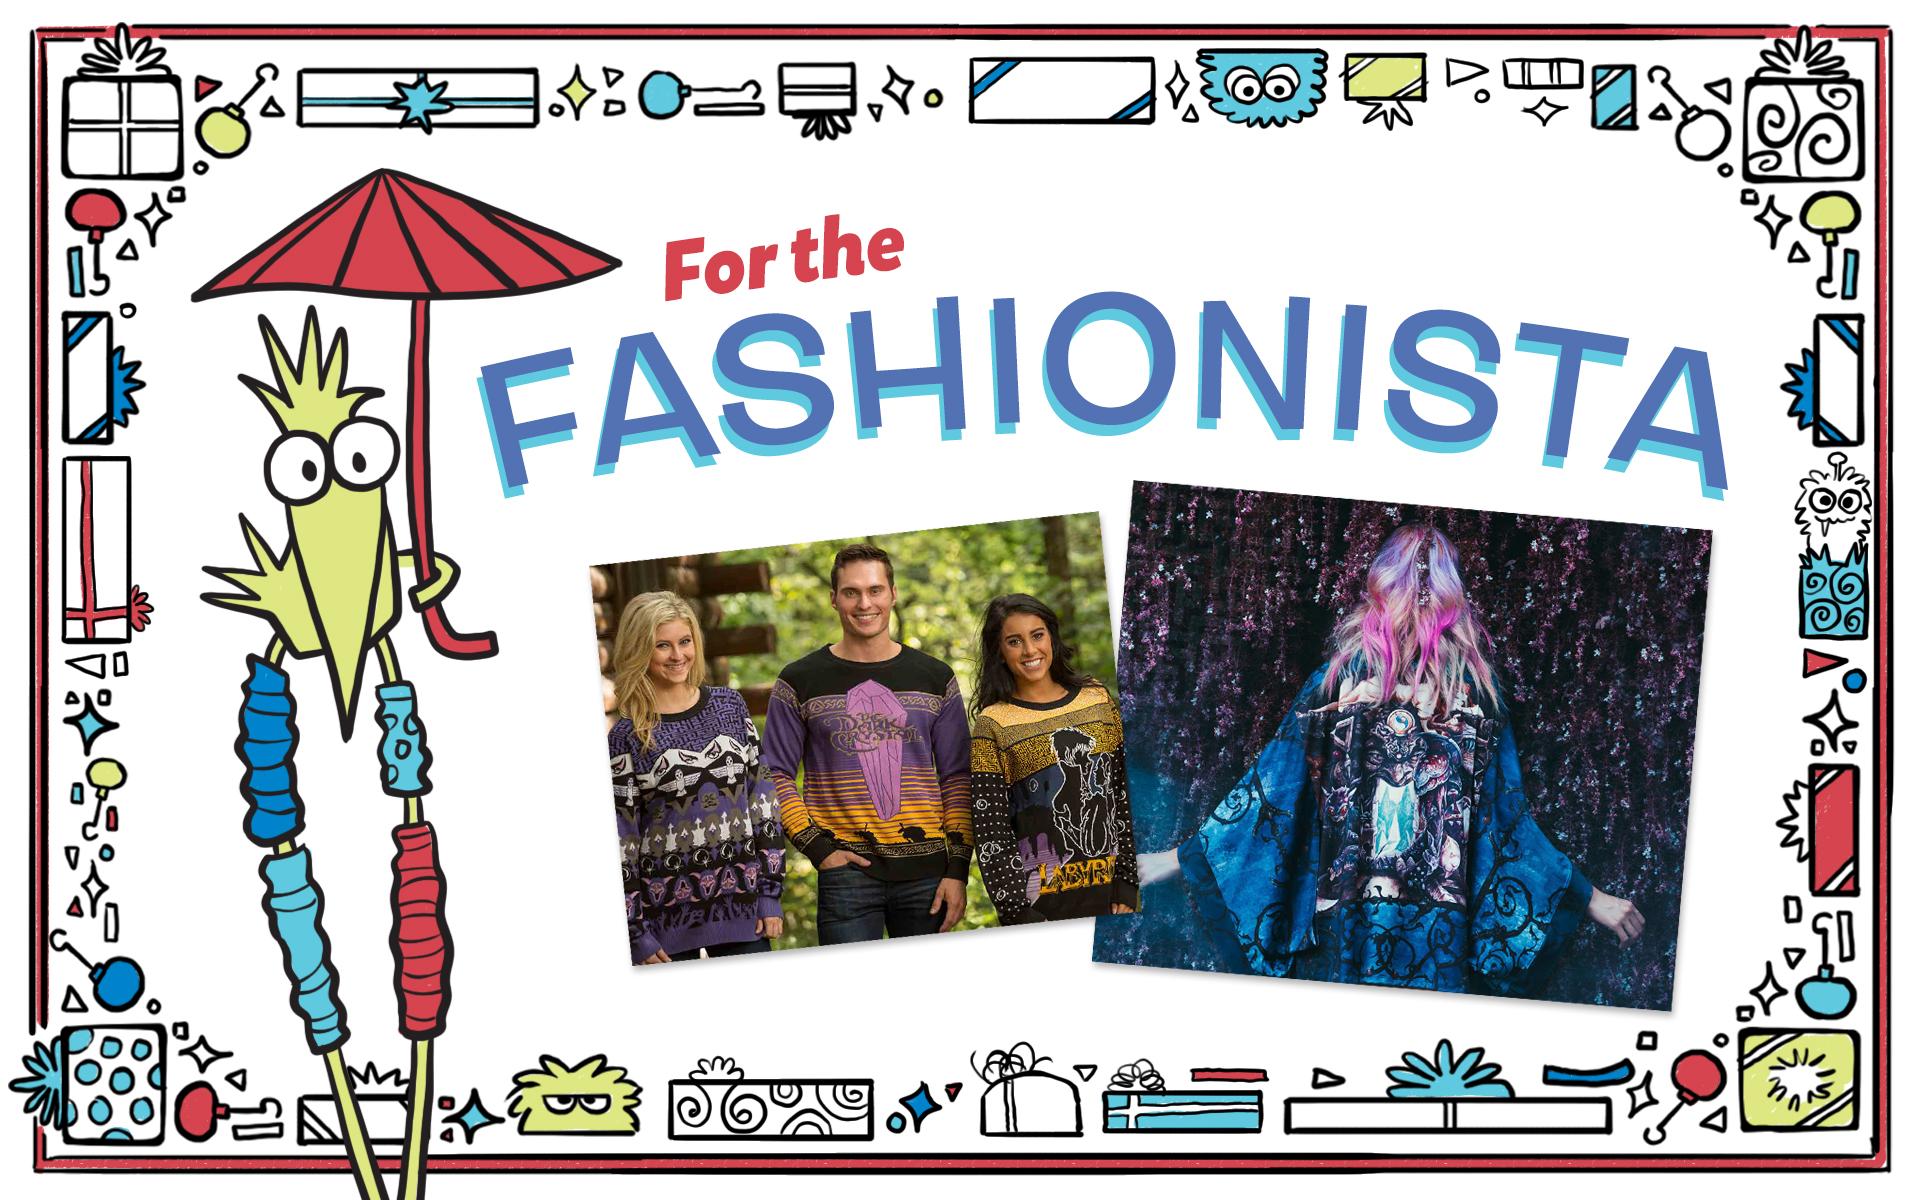 FashionistaCard.jpg